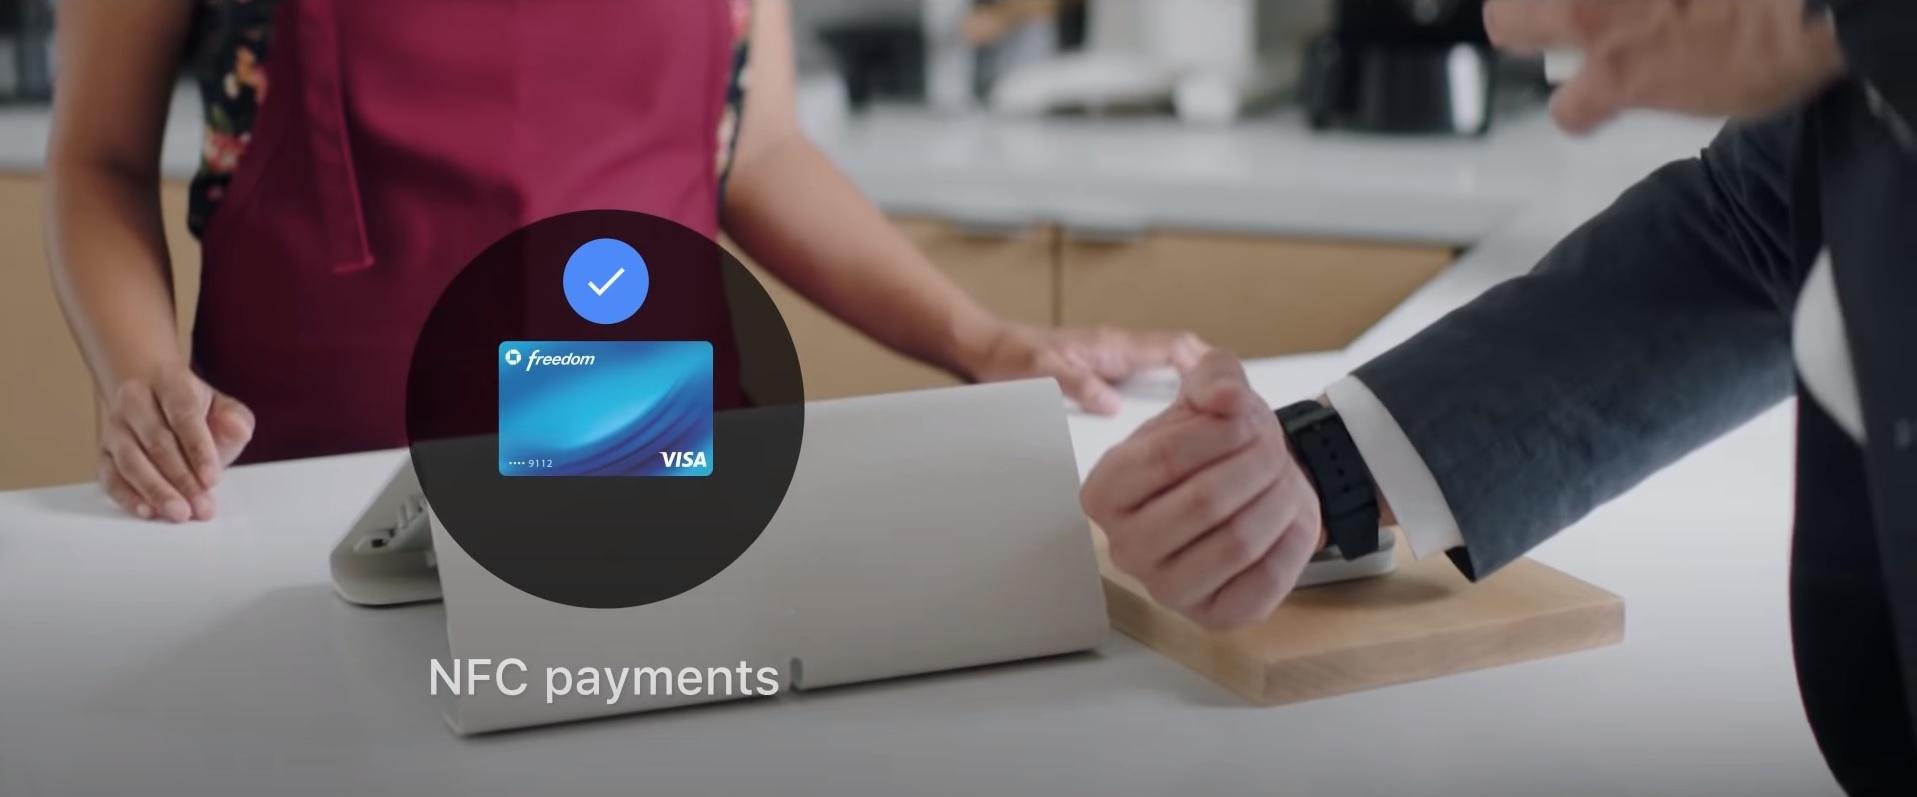 płatności zbliżeniowe Mobvoi TicWatch NFC Google Pay